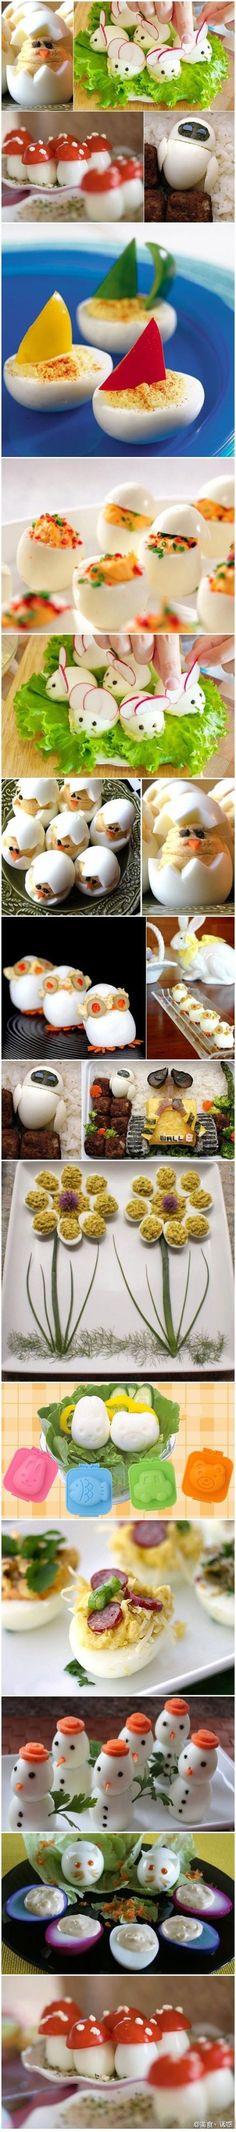 egg magic